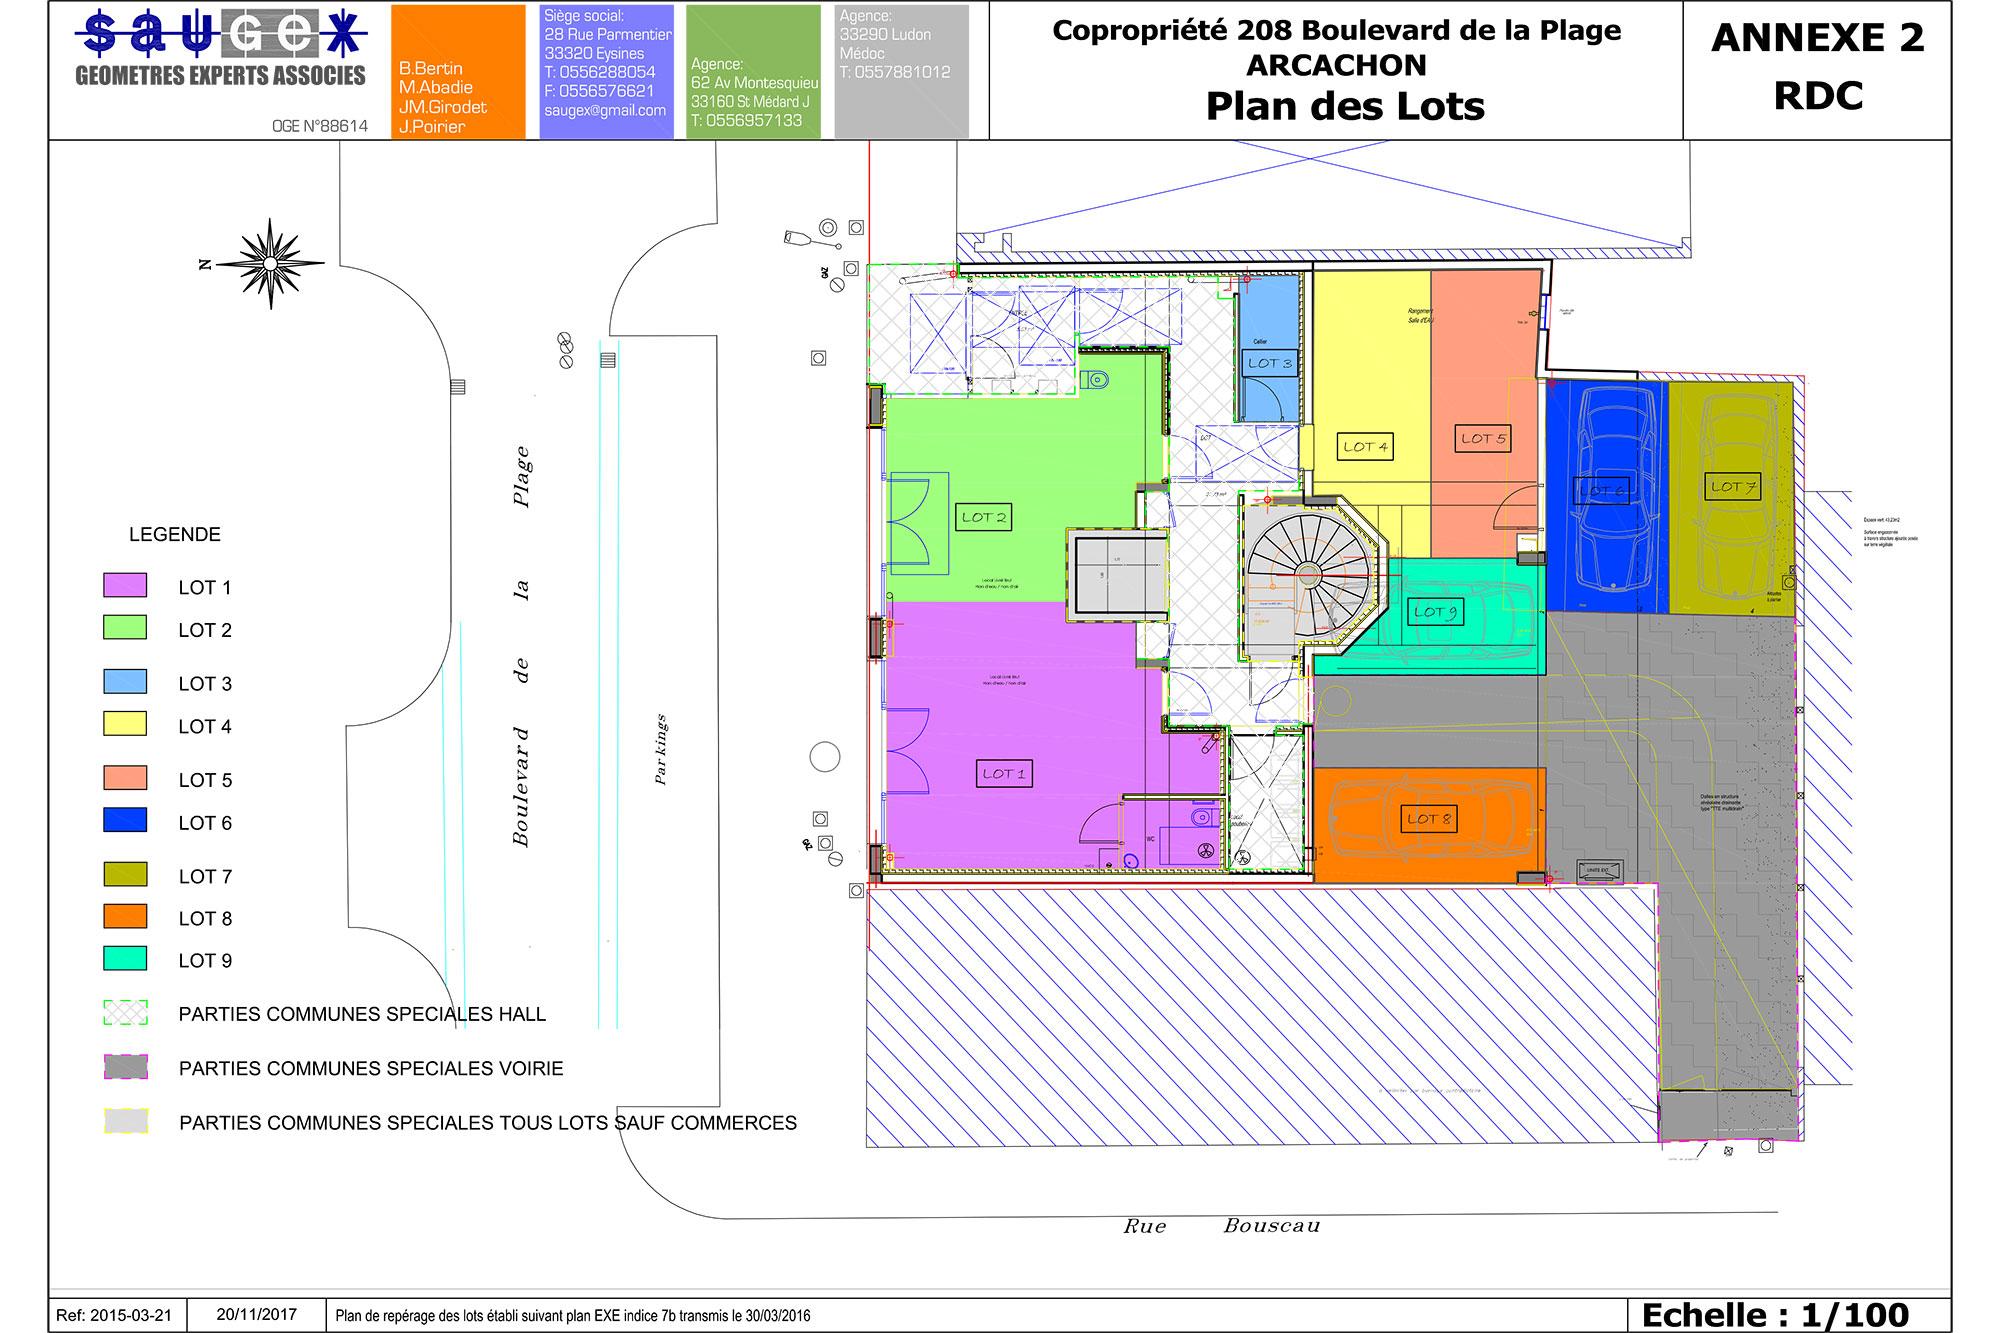 rendu-2---2015-03-21-DIGNAN-Plan-de-copropriété-format-A3-au-20-11-2017-ANNEXE-2